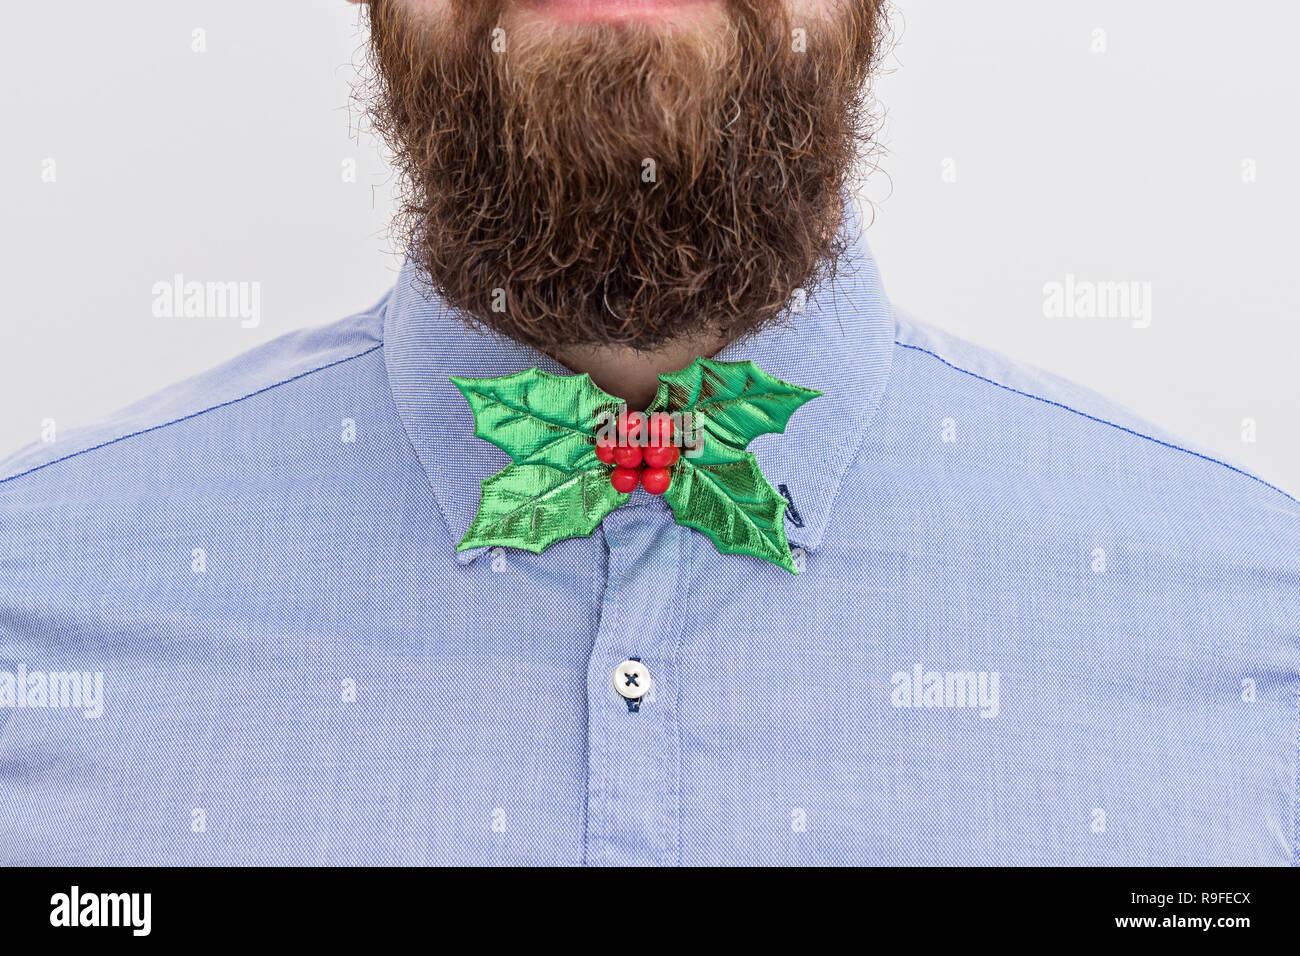 Close up profumatamente barbuto office manager hipster con formale di festa di Natale di usura bow tie e maglietta blu su sfondo bianco. I corpora di natale Immagini Stock